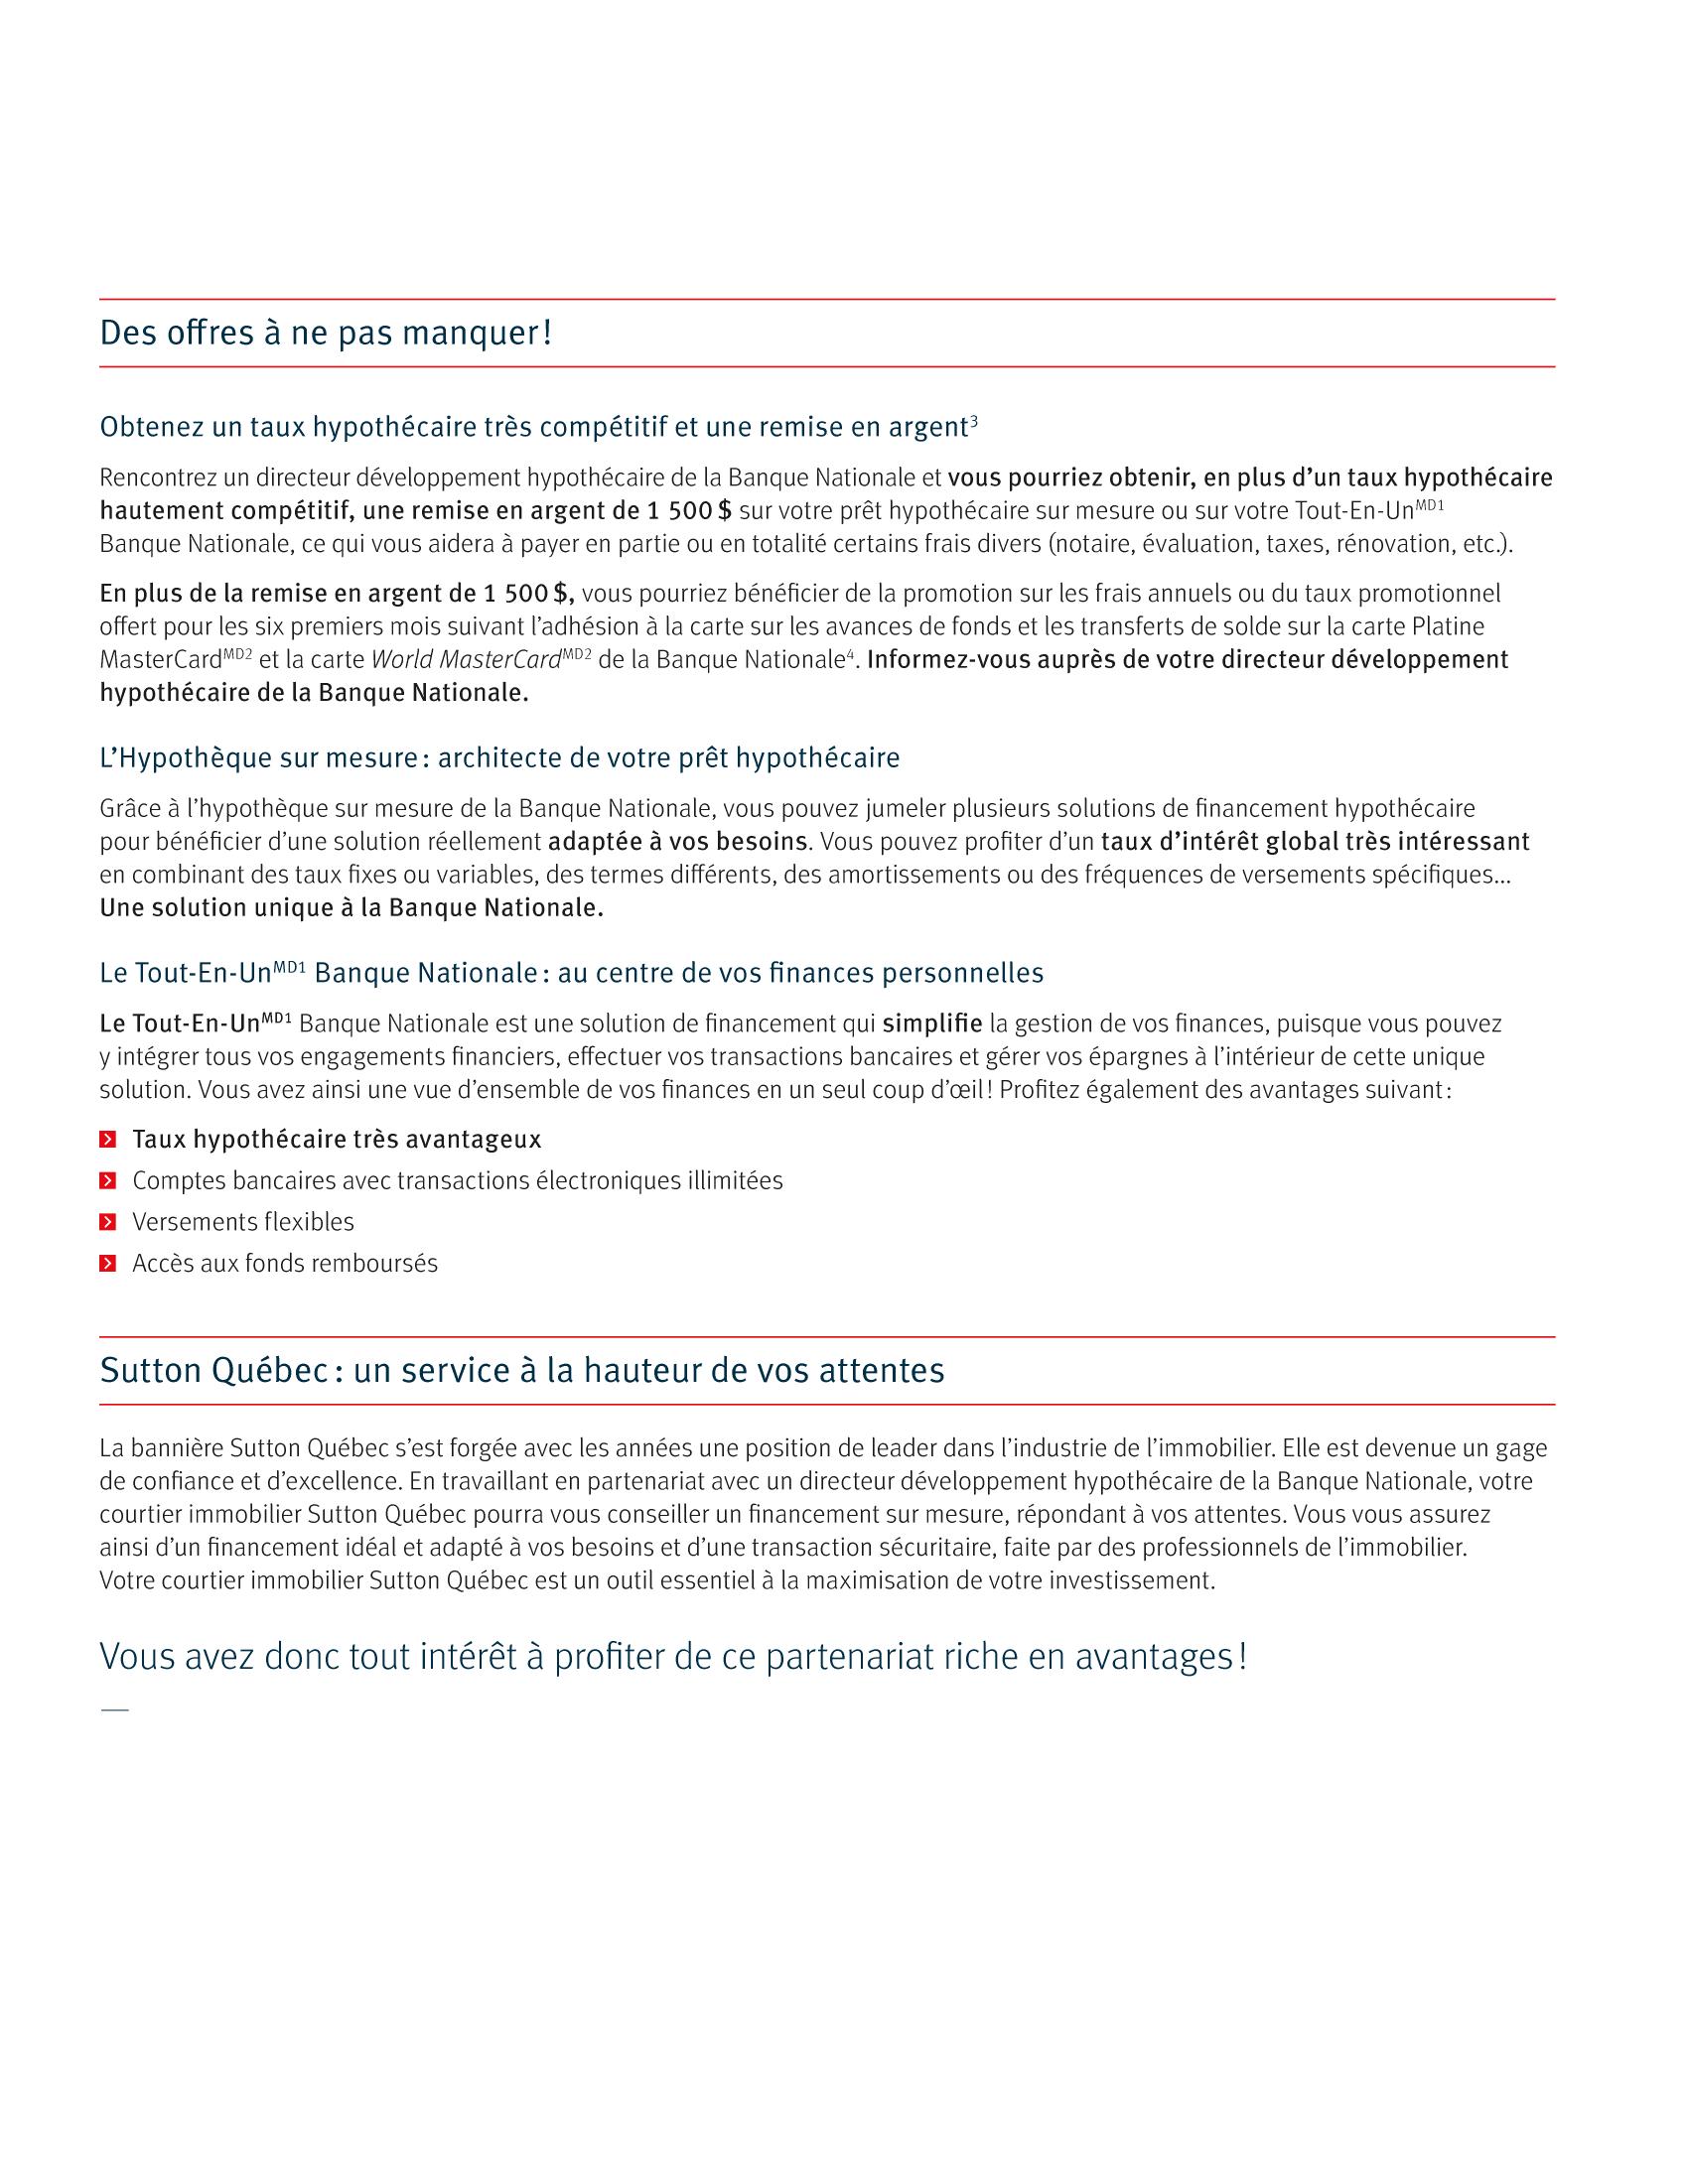 3 | Dépliant « Un partenariat riche en avantages » - Sutton